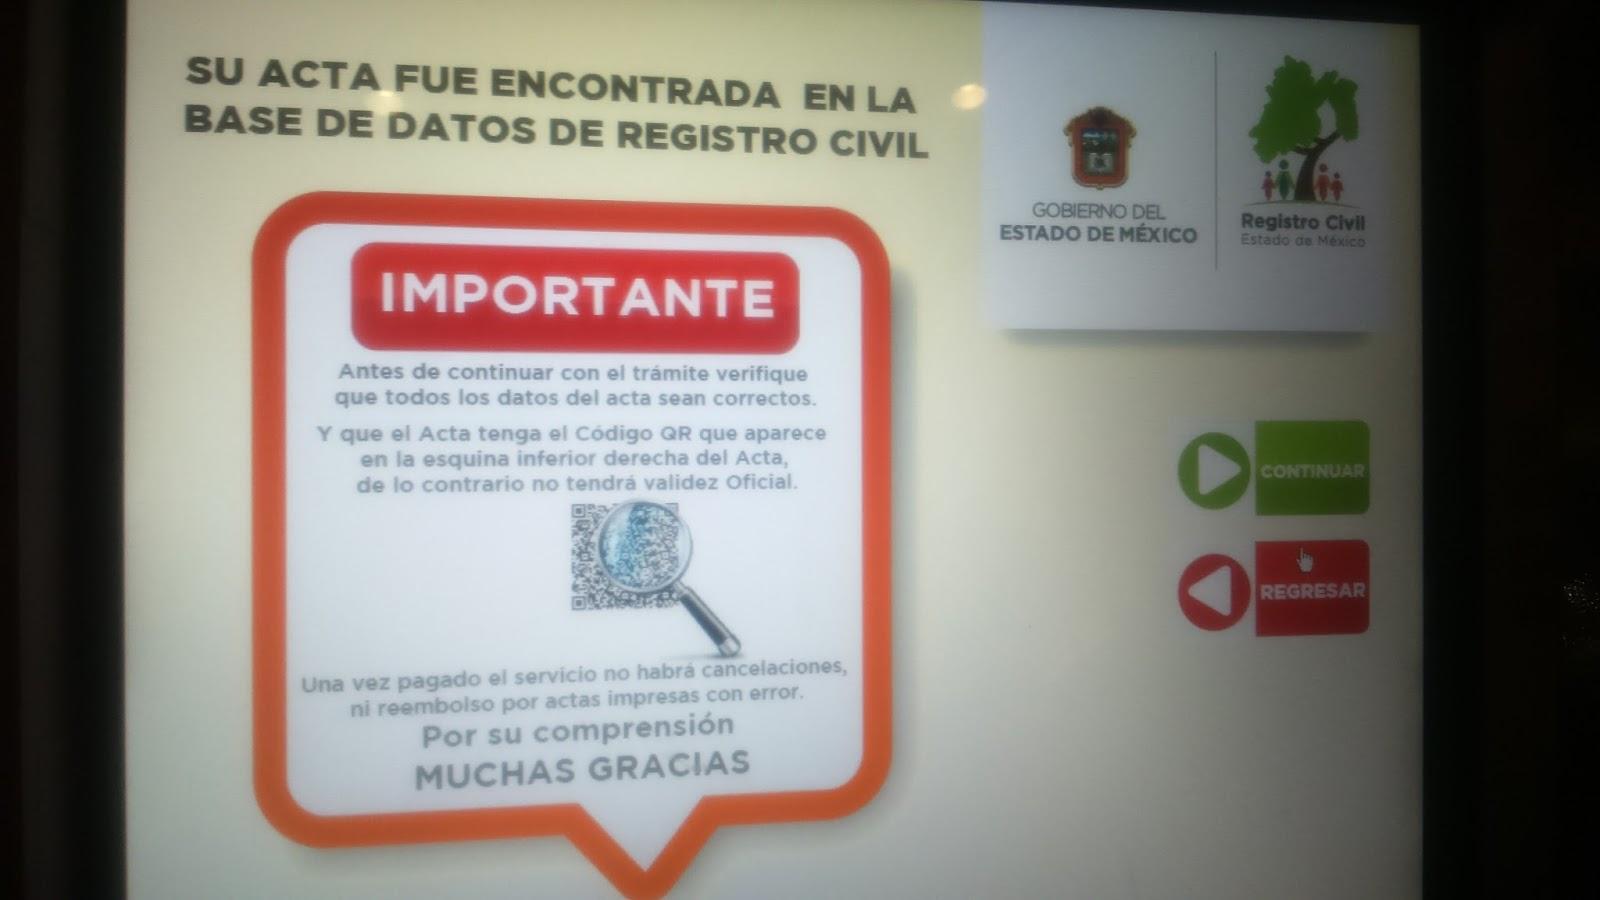 Tramita Tu Certificado De Nacimiento En Cajeros Automaticos